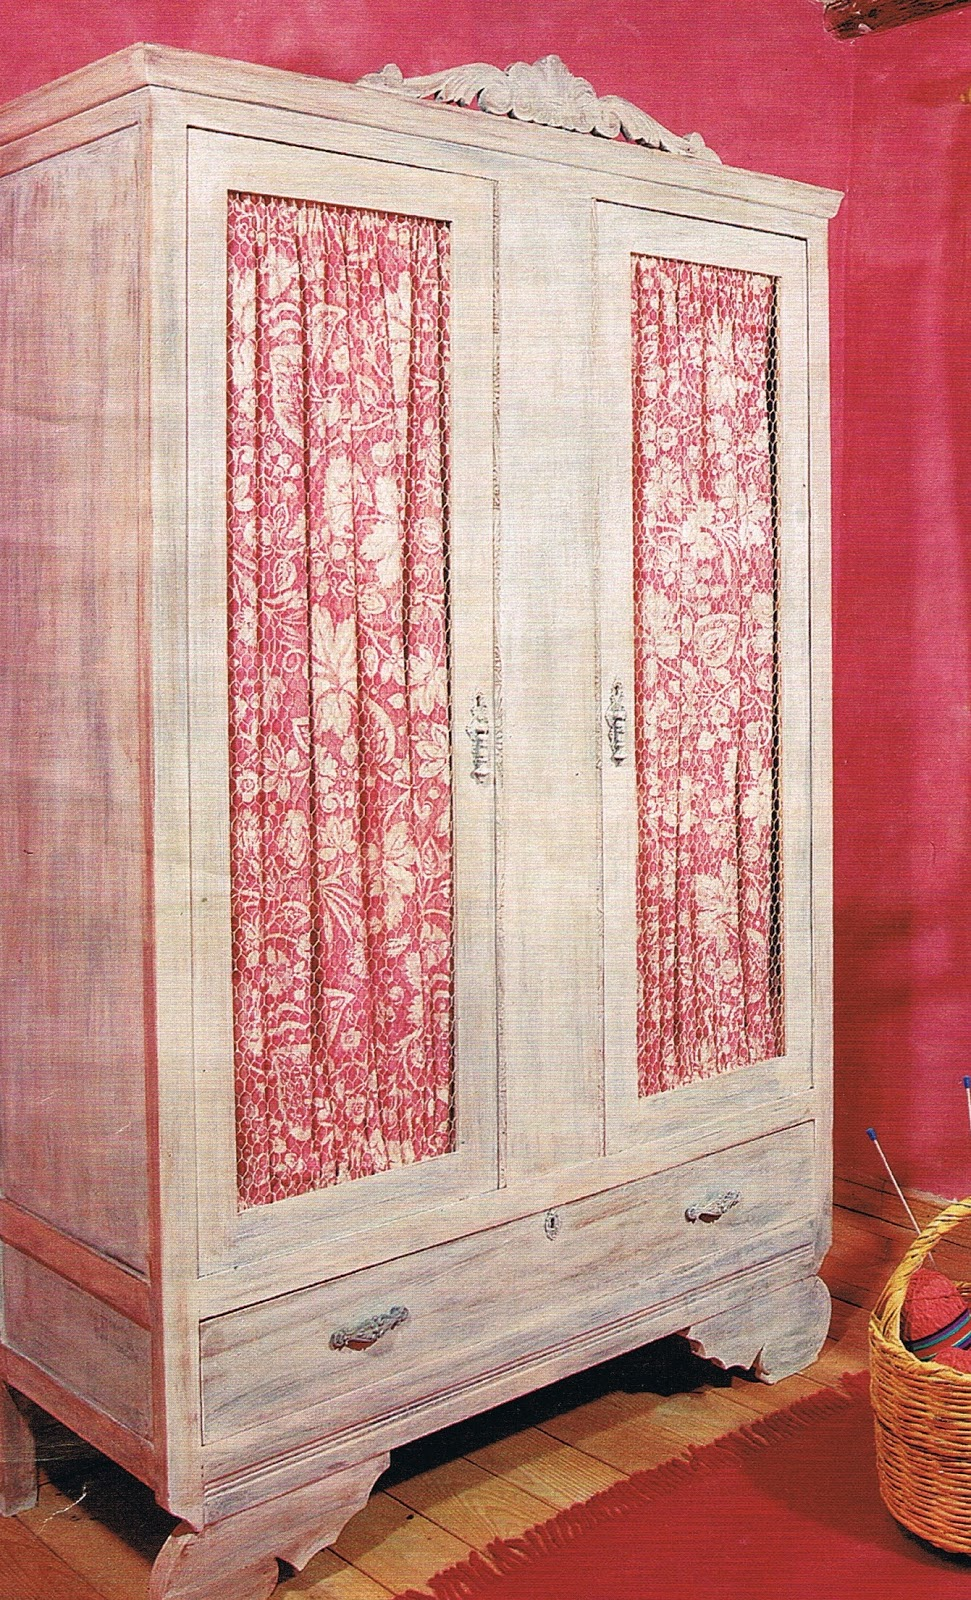 2c72e4ba Aquí tenéis otra muestra de ropero con tela estampada. Del mismo modo que  se hace para los armarios, lo podemos hacer para una puerta de paso, por  ejemplo.